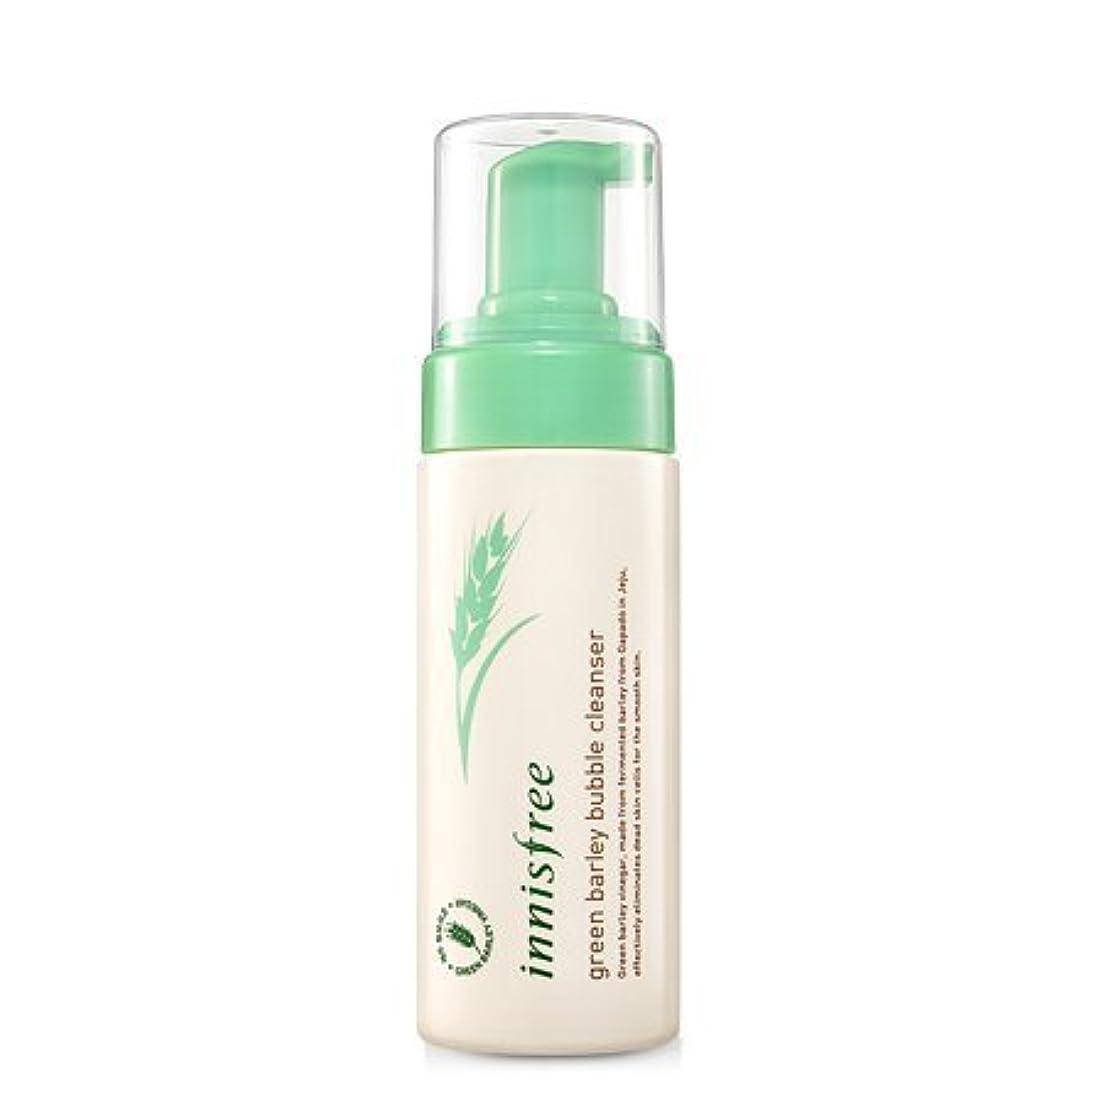 パシフィックボス列挙する[innisfree(イニスフリー)] Green barley bubble cleanser 150ml 青麦のバブルクレンザー [並行輸入品][海外直送品]